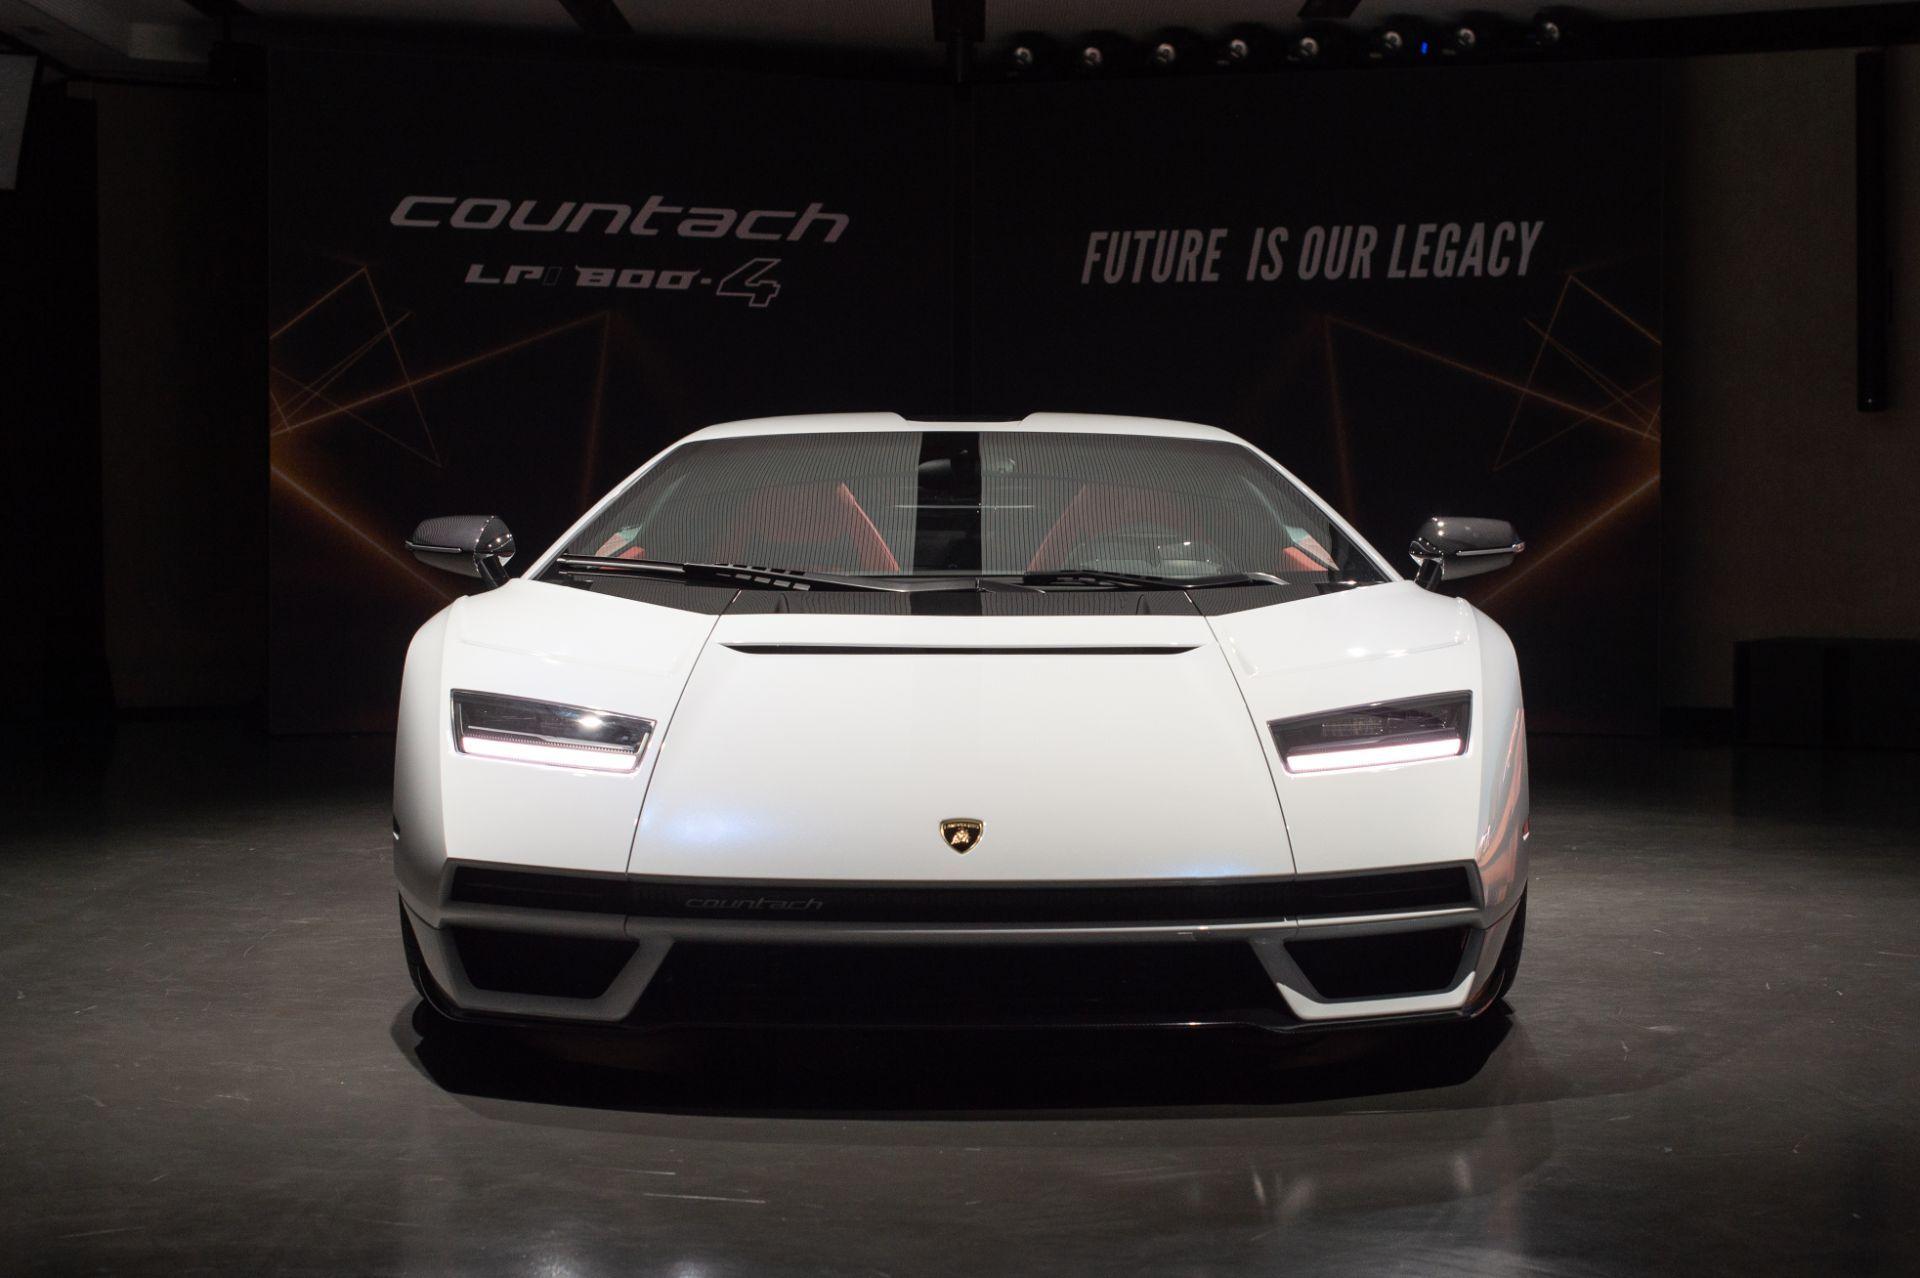 Lamborghini-Countach-LPI-800-4-6